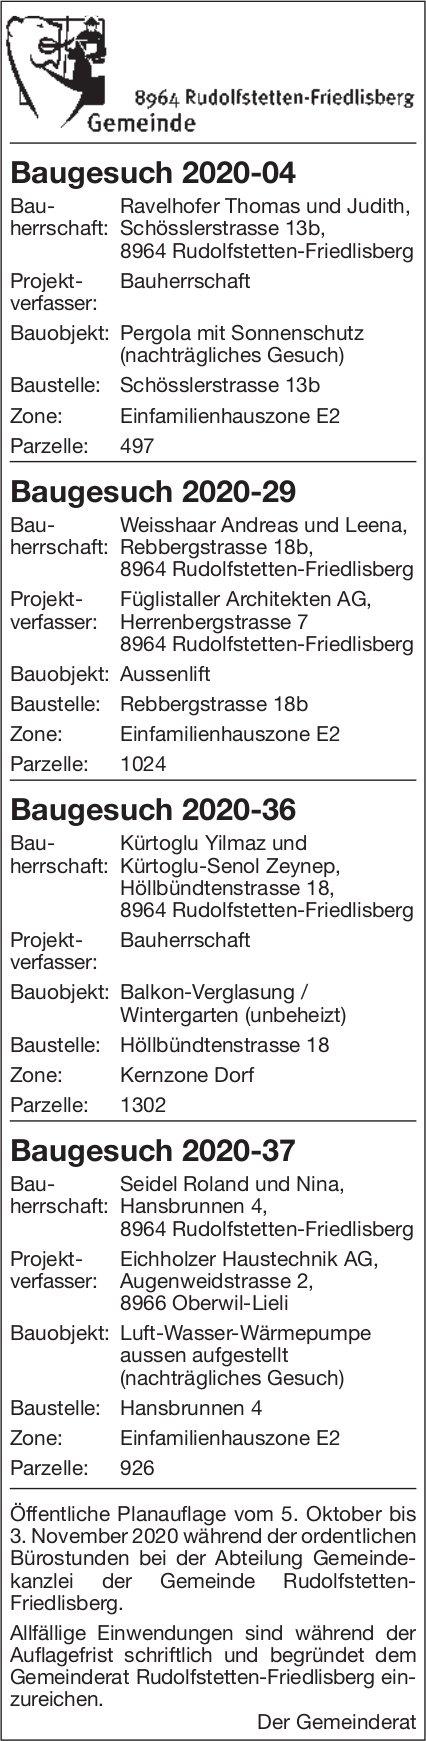 Baugesuche - Gemeinde Rudolfstetten